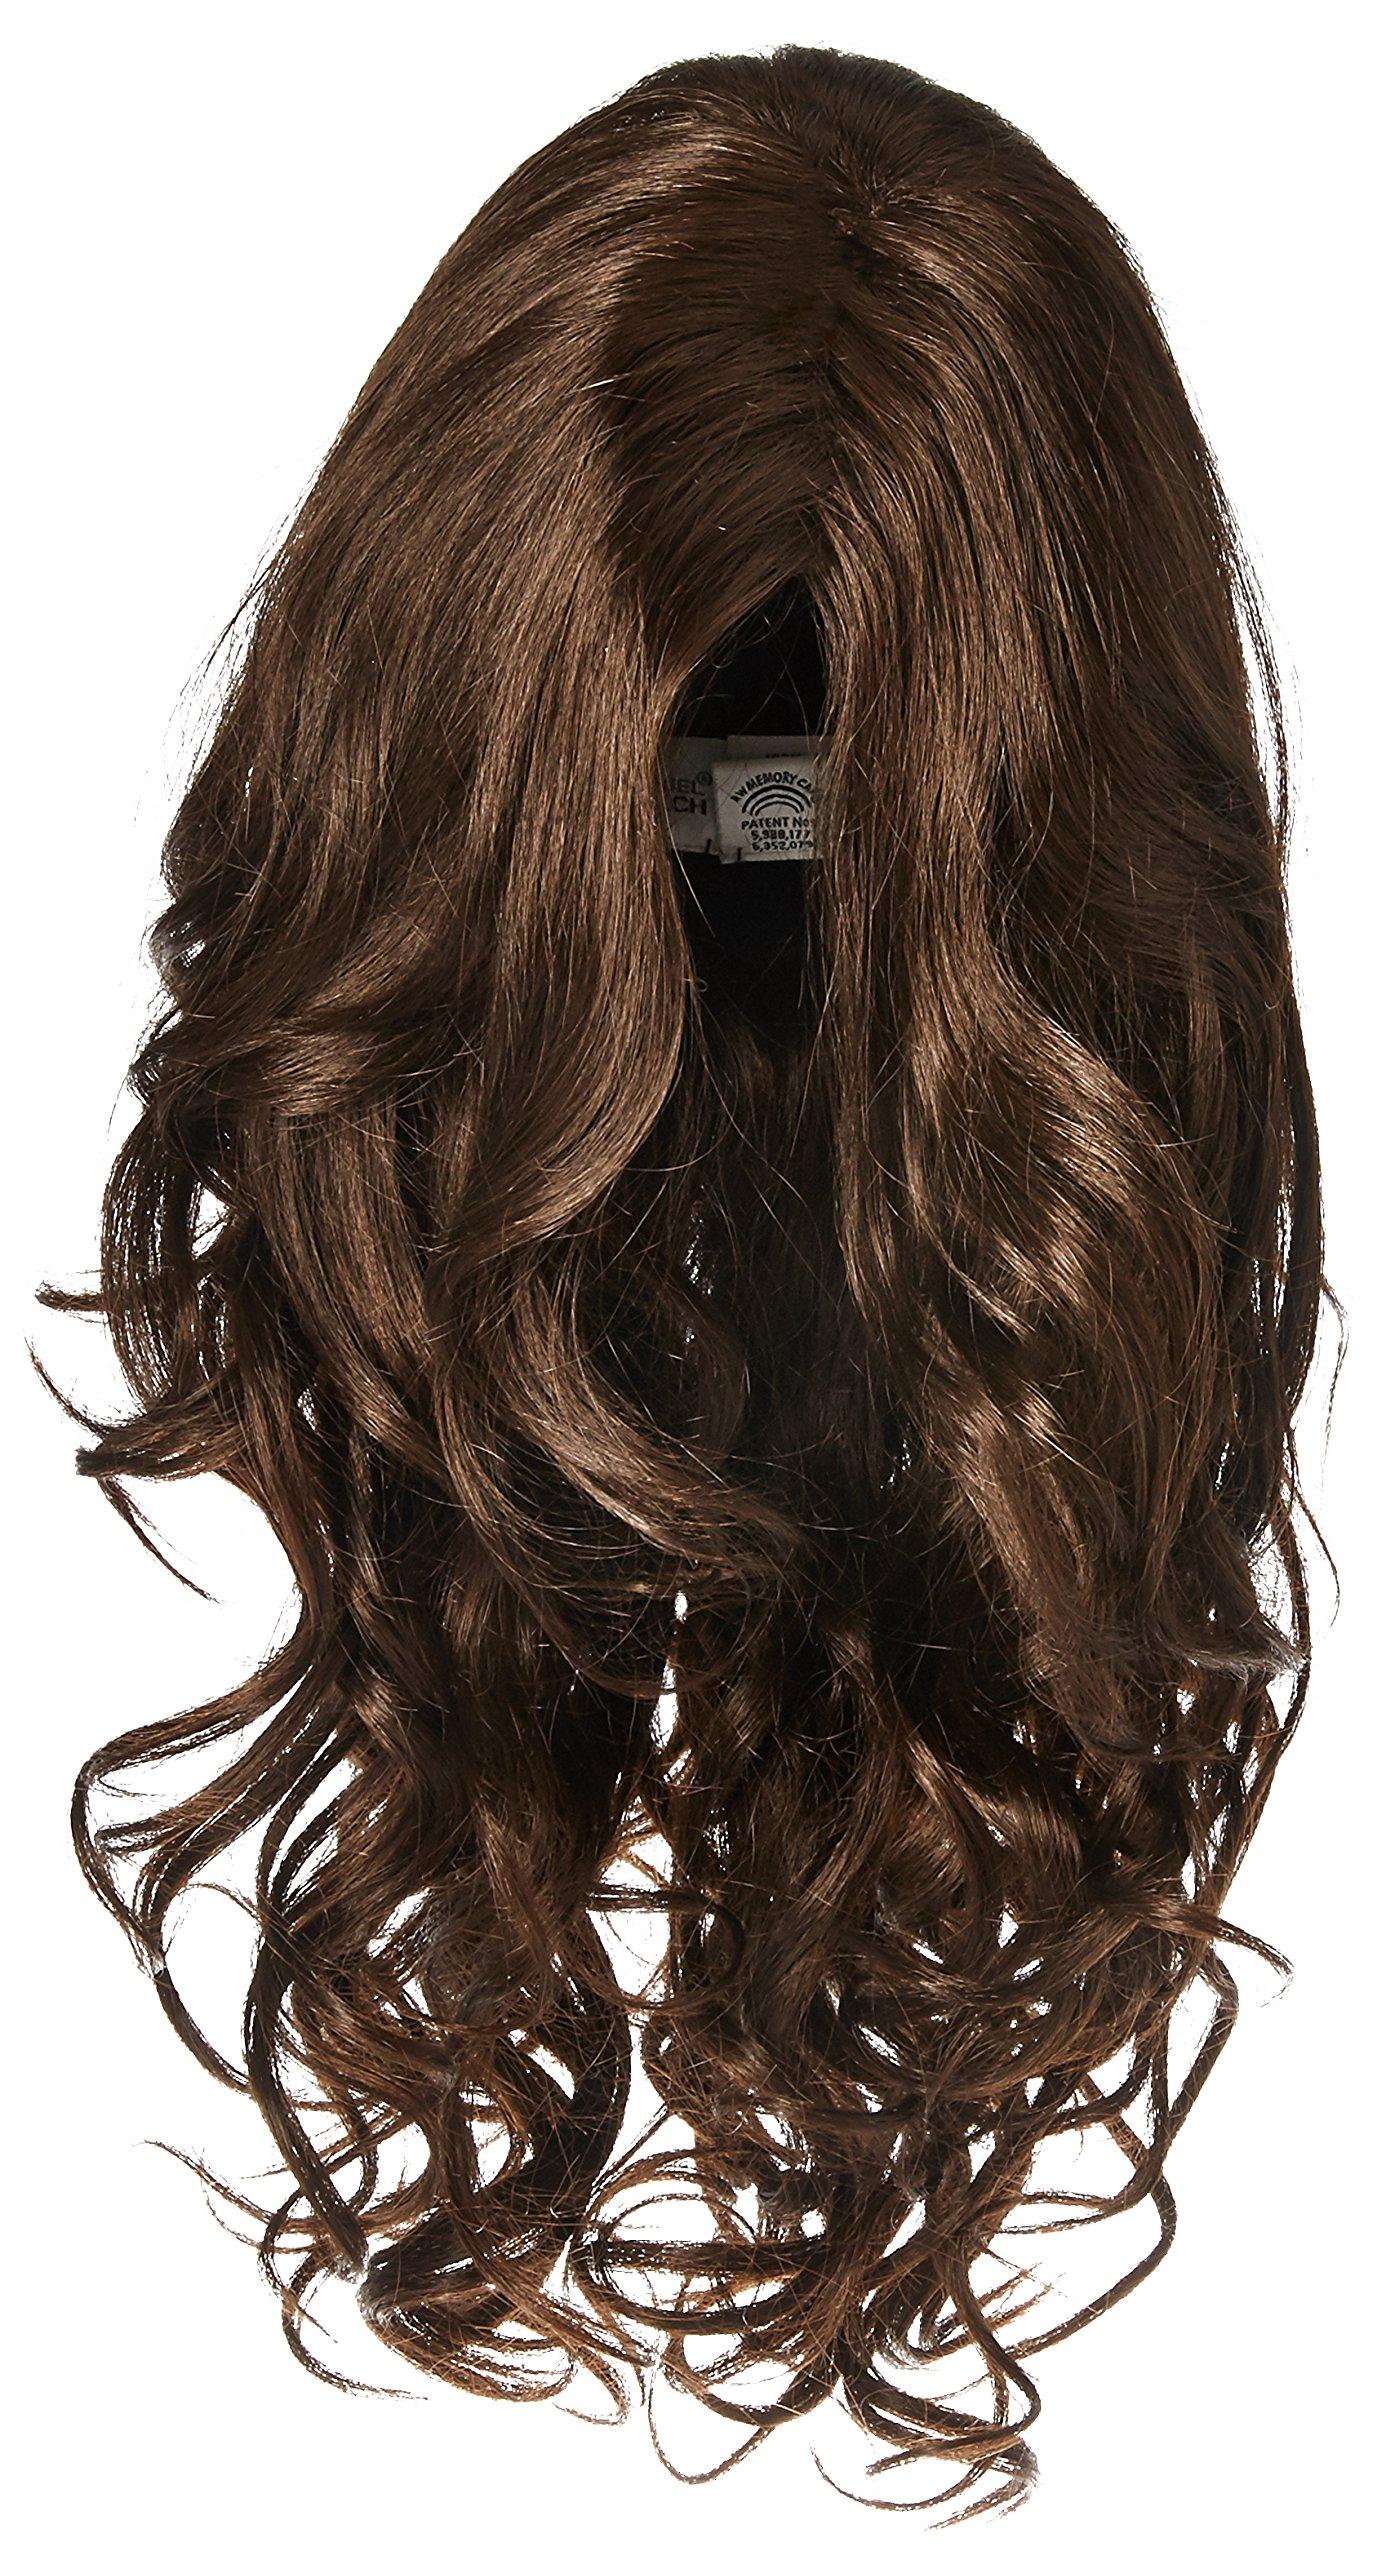 Raquel Welch Haiear Downtime Long And Luscious Hair Wig, R6 Dark Chocolate by Hairuwear